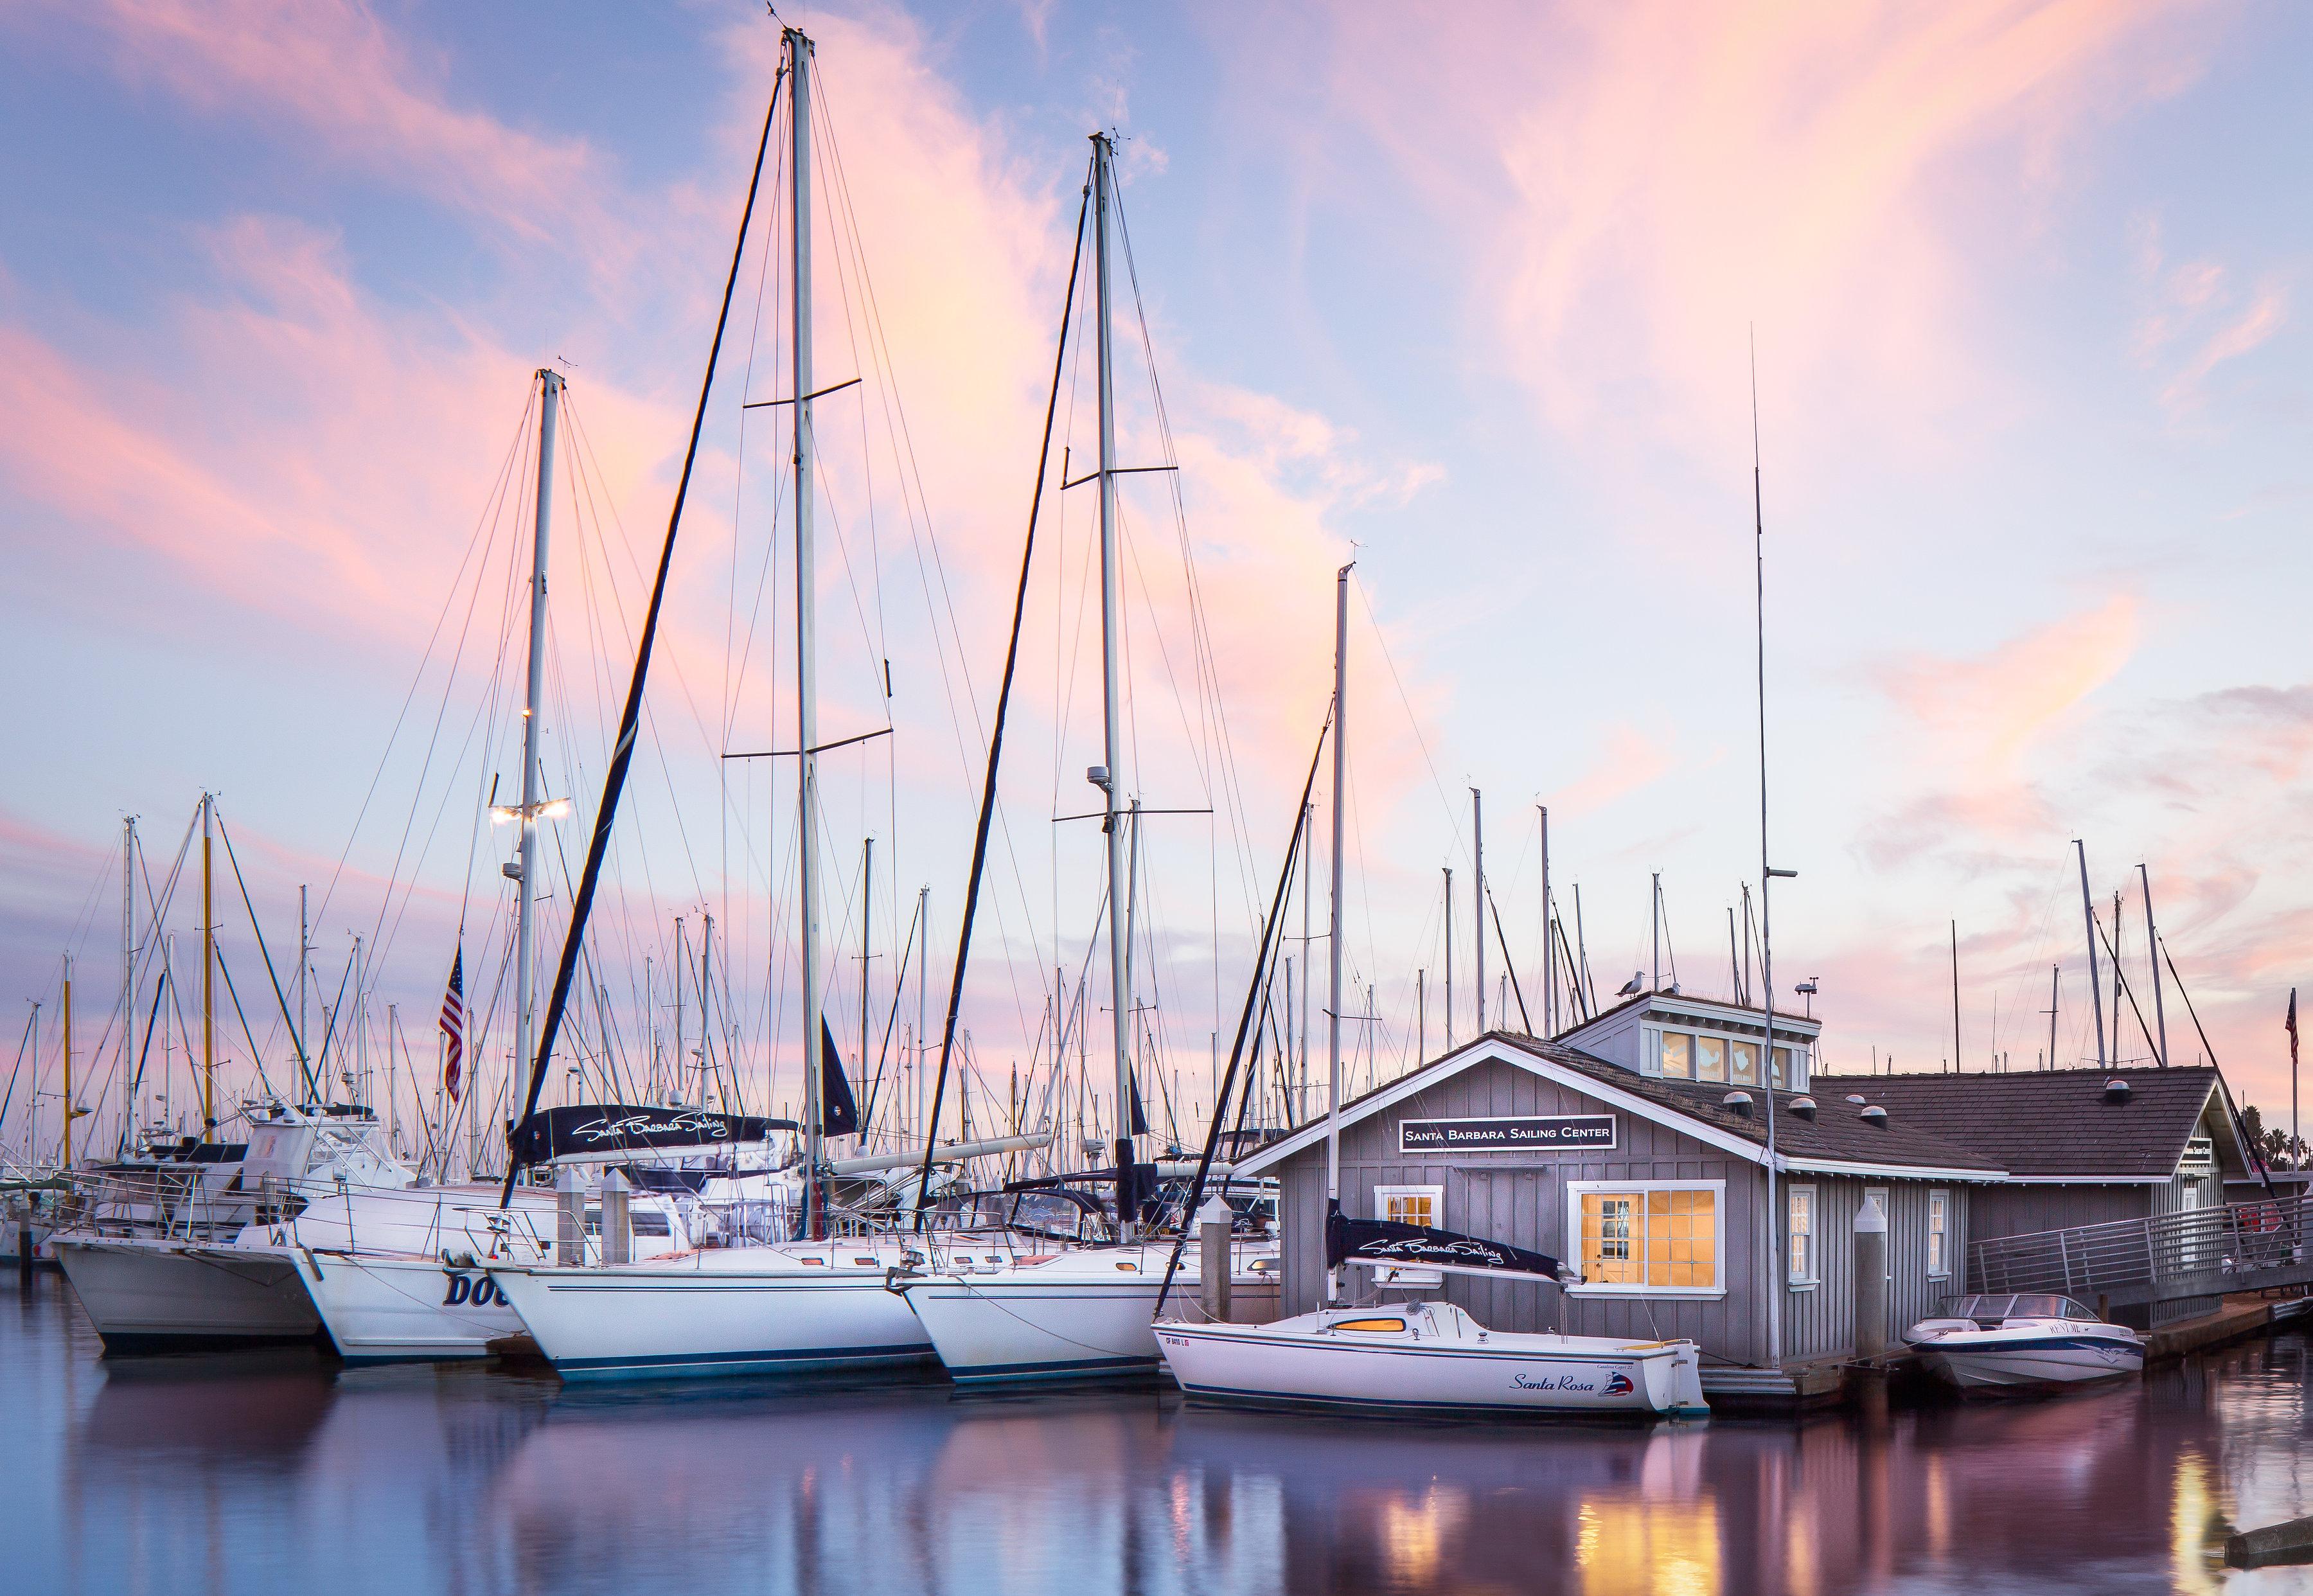 Sunset Skies and Sailboats